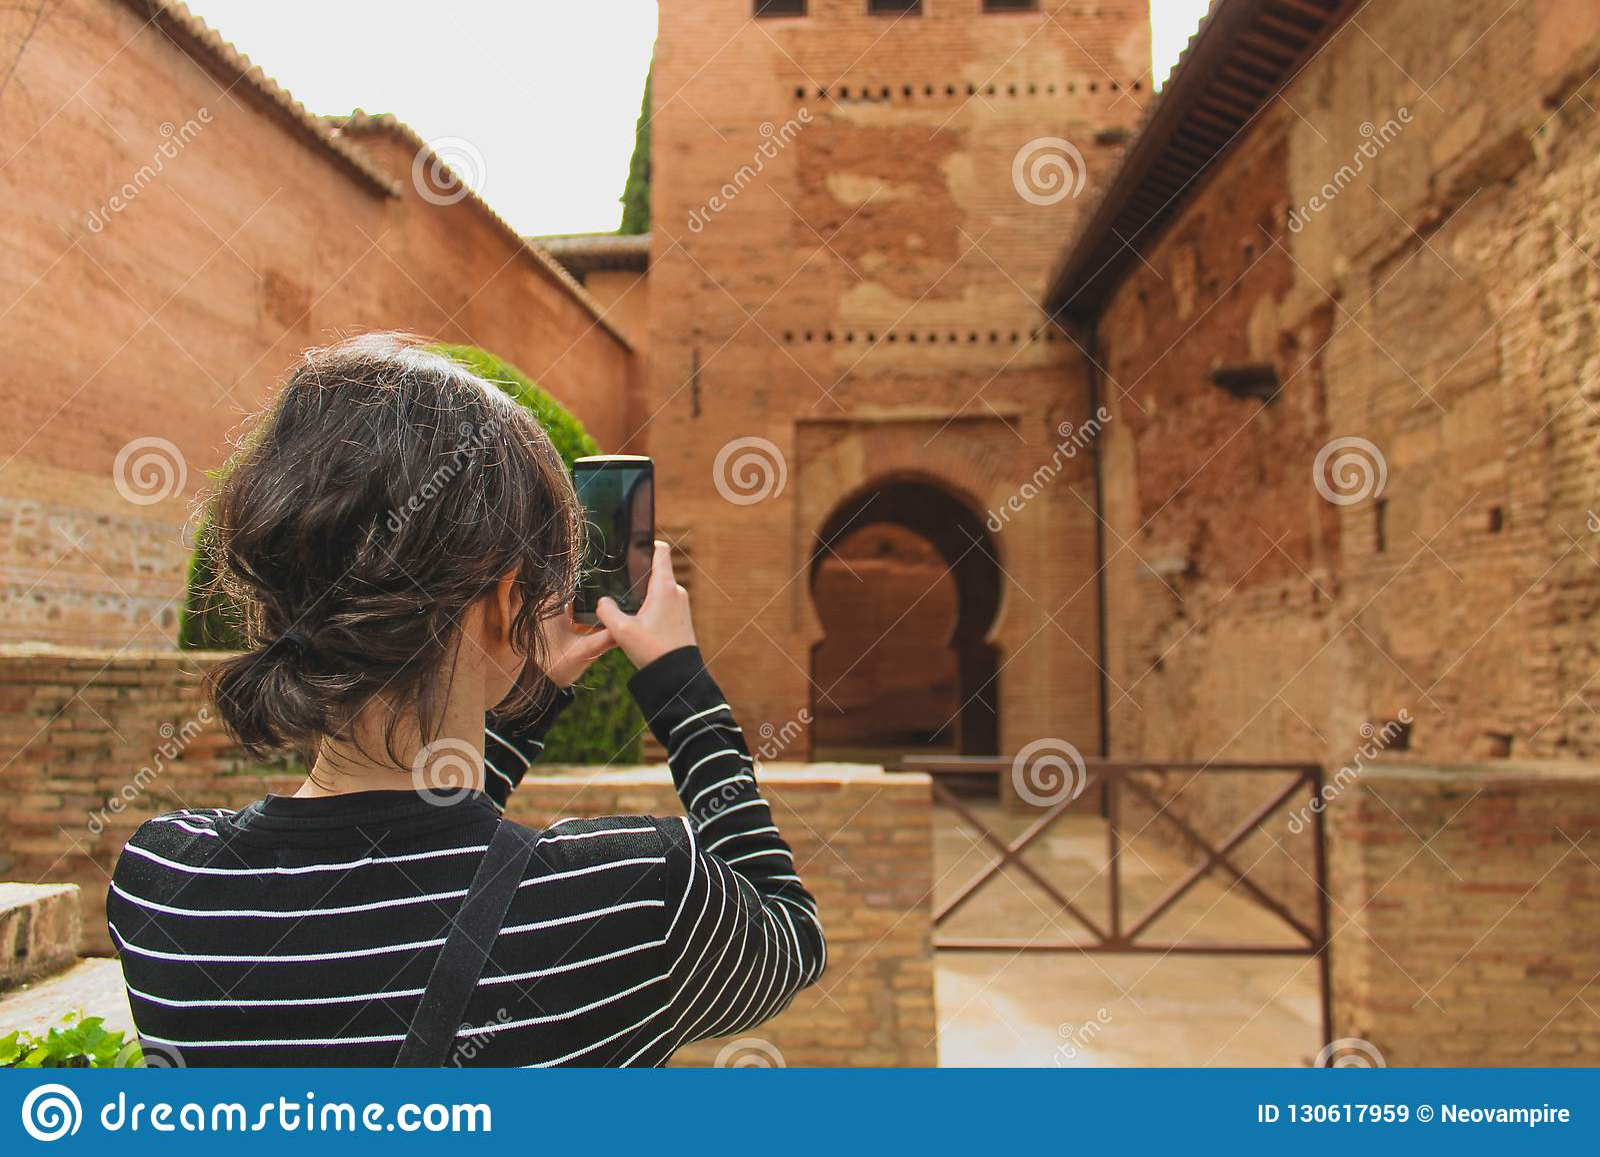 Γρανάδα, Ισπανία - 5/6/18: Όμορφοι πορτοκαλιοί τοίχοι και λεπτομέρειες αργίλου αλγορίθμου